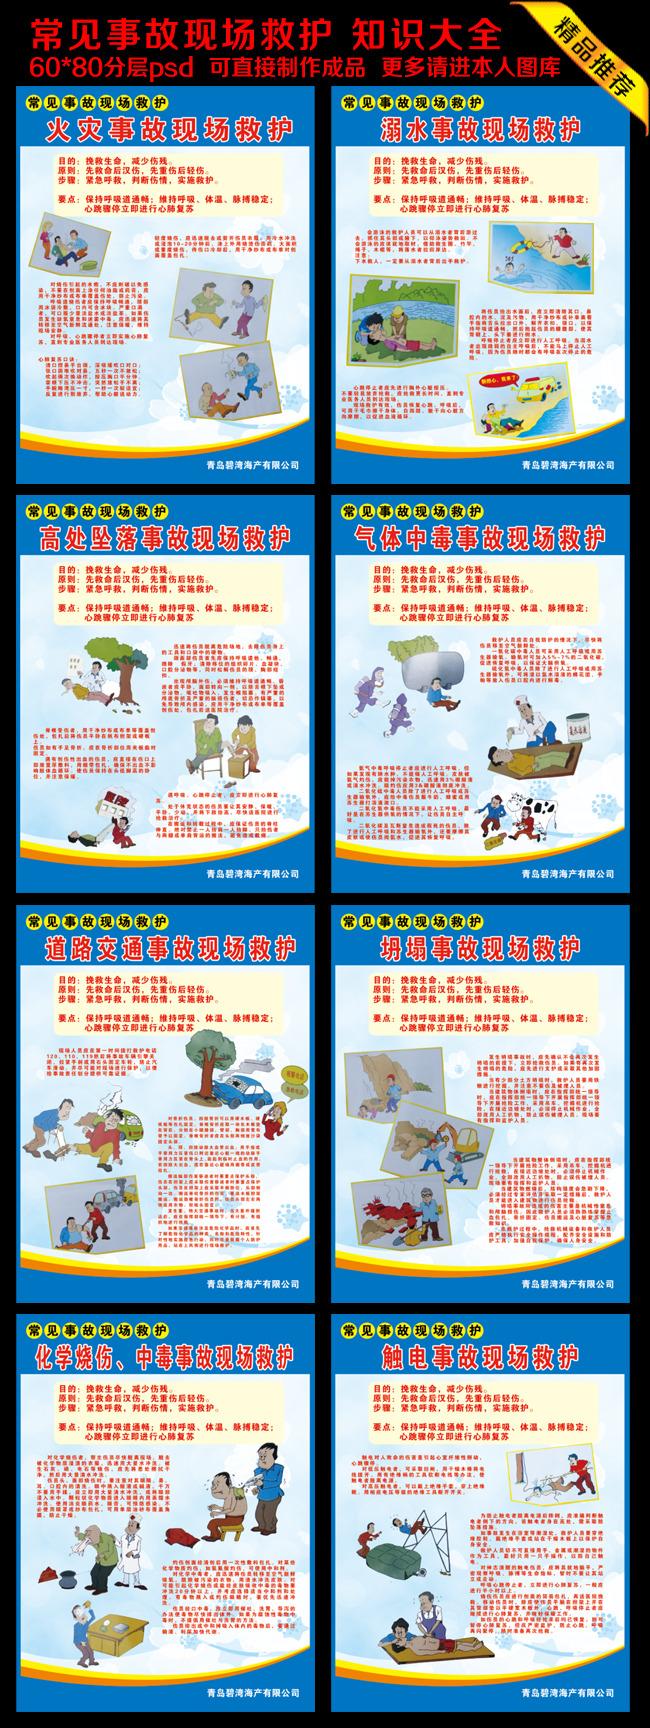 首页 正版设计稿 展板设计 2014安全生产月展板 >常见各种事故救护